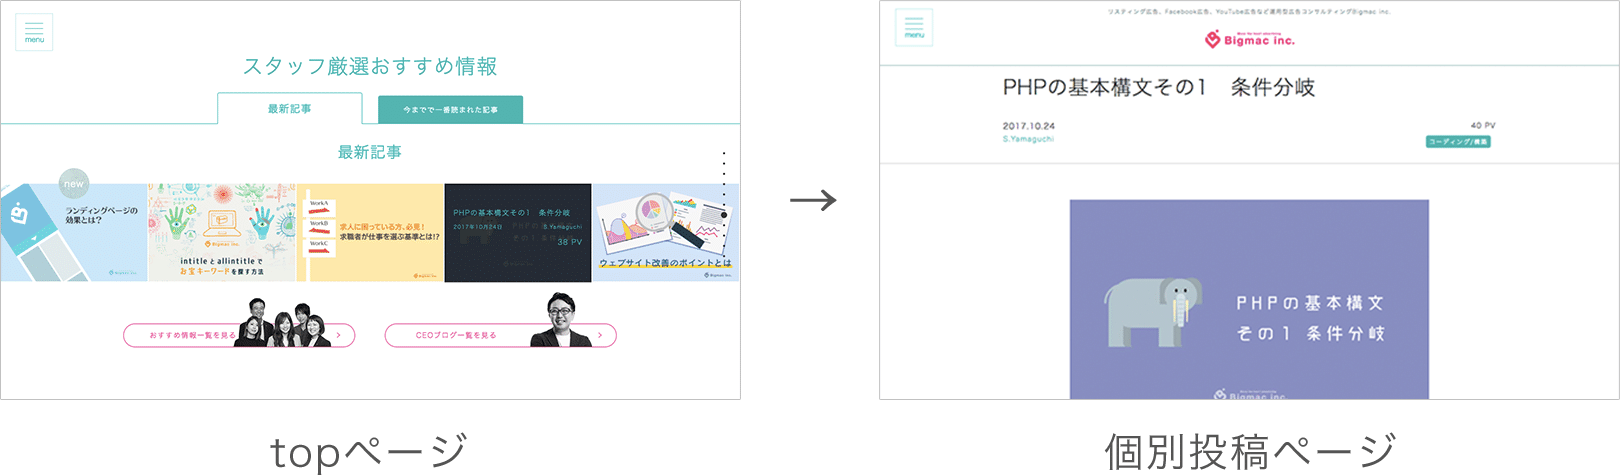 single.phpが読み込まれて個別投稿ページが表示される